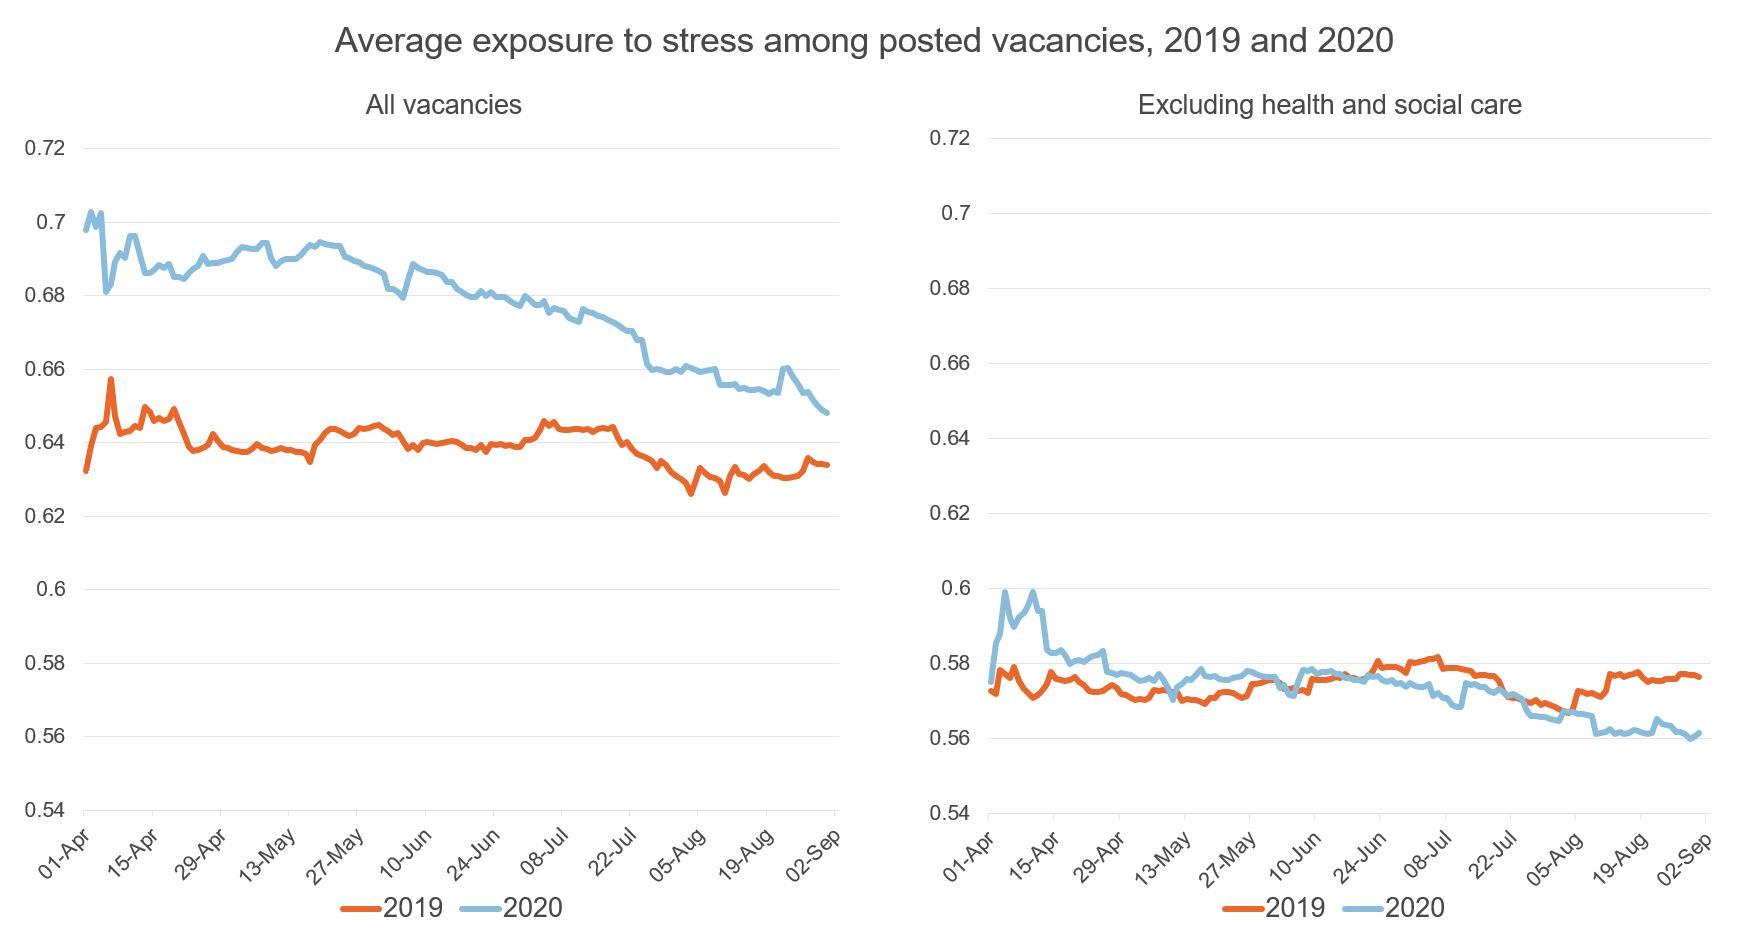 Figure showing exposure to stress, vacancies